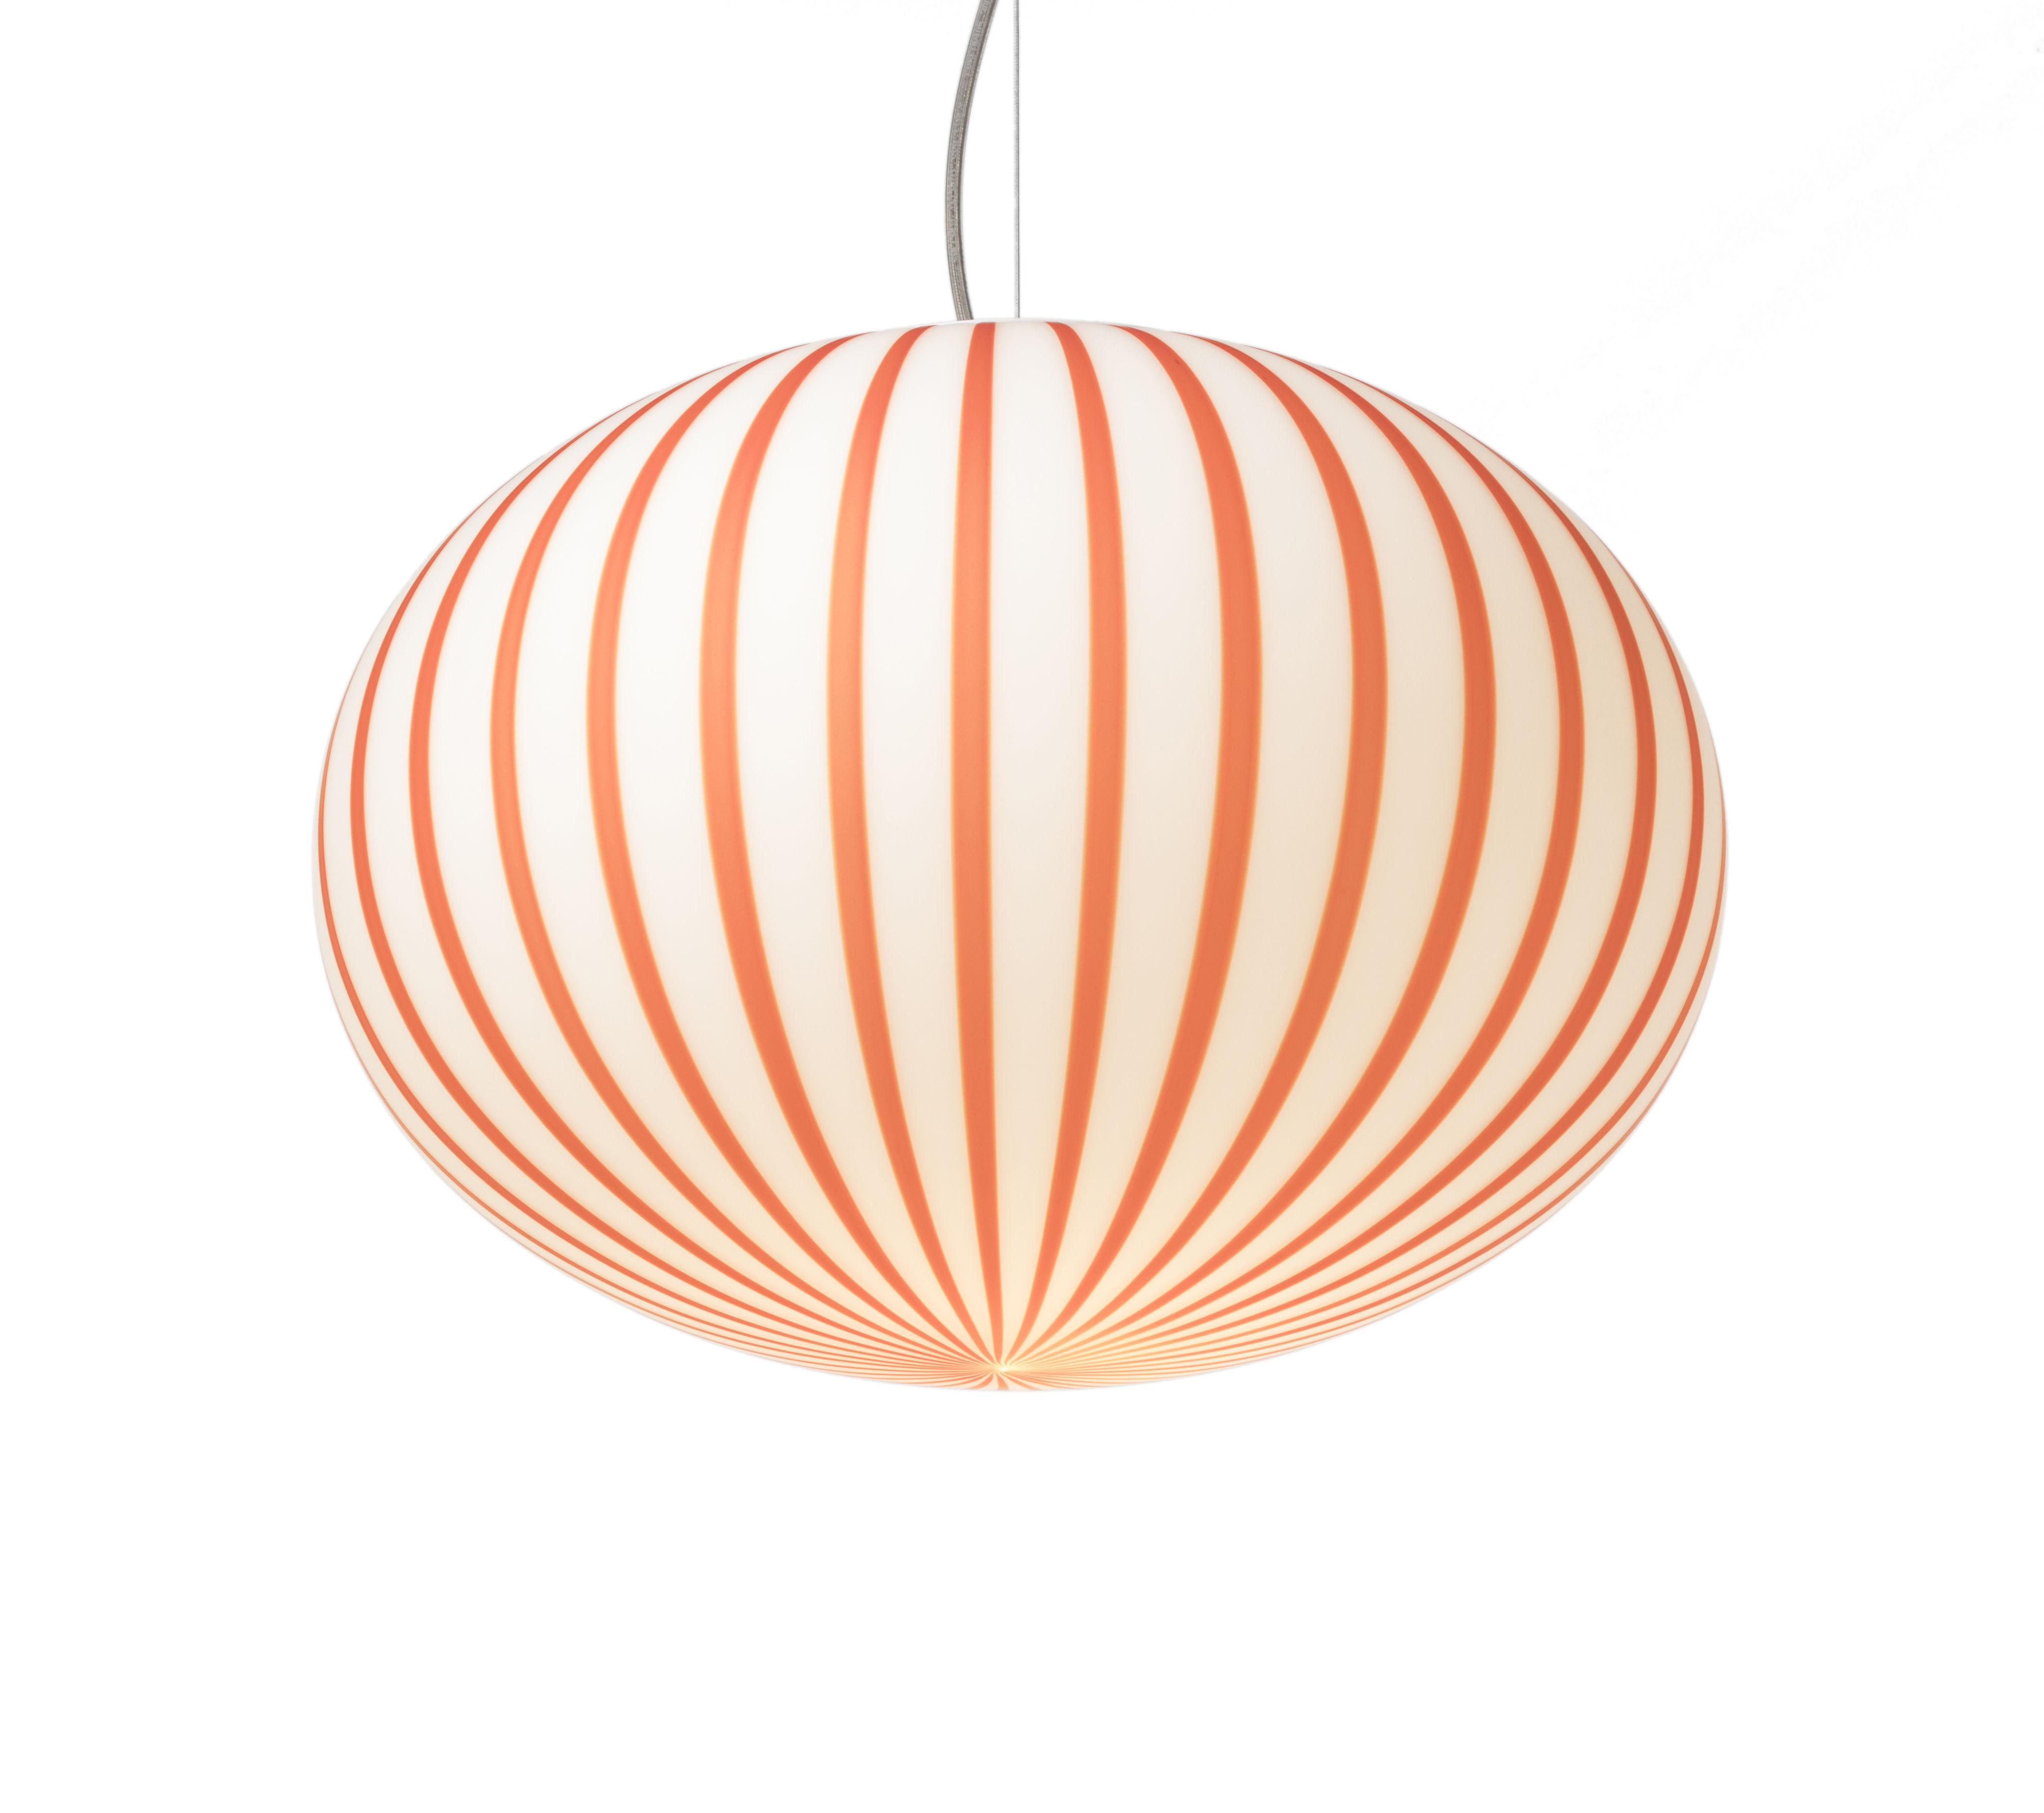 Luminaire - Suspensions - Suspension Filigrana Ellipse / Rayures rouges - Ø 16 cm - Established & Sons - Blanc / Rayures rouges - Acrylique, Métal, Verre soufflé bouche